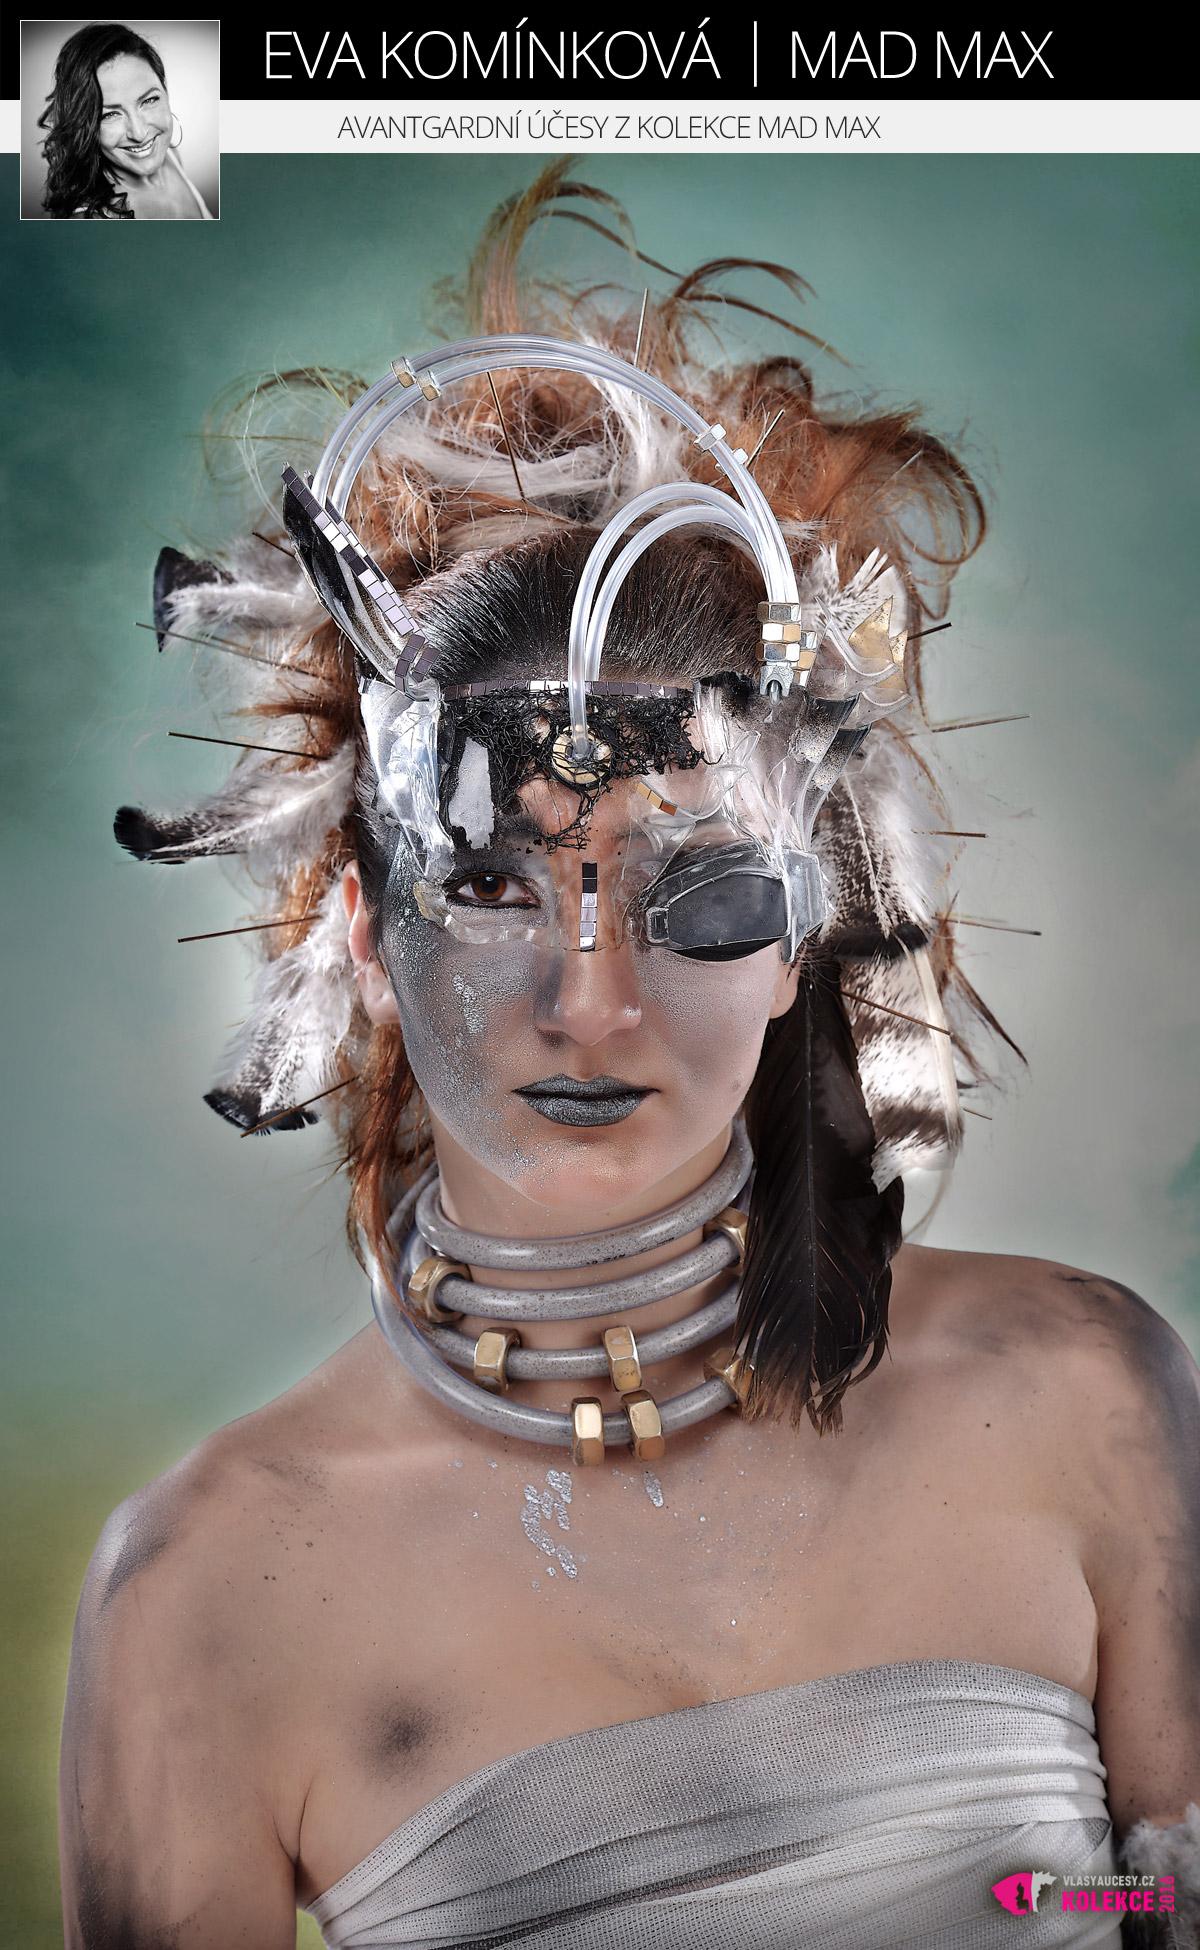 Avantgardní účesy Evy Komínkové z kolekce Mad Max.